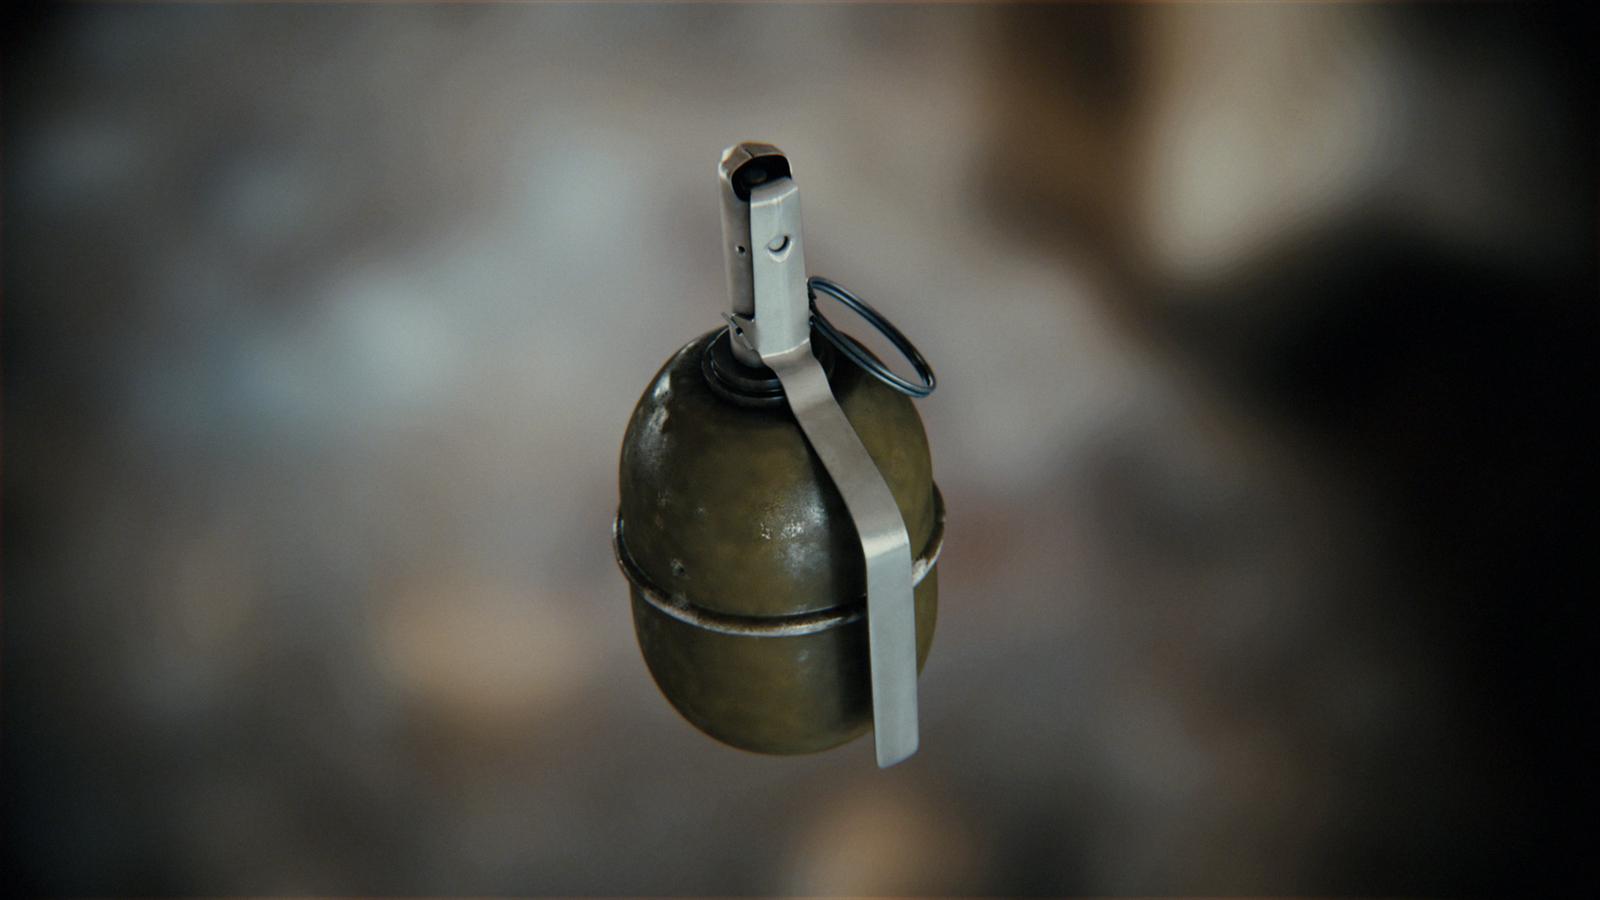 Вибило вікна: у Києві в будинок бізнесмена кинули гранату